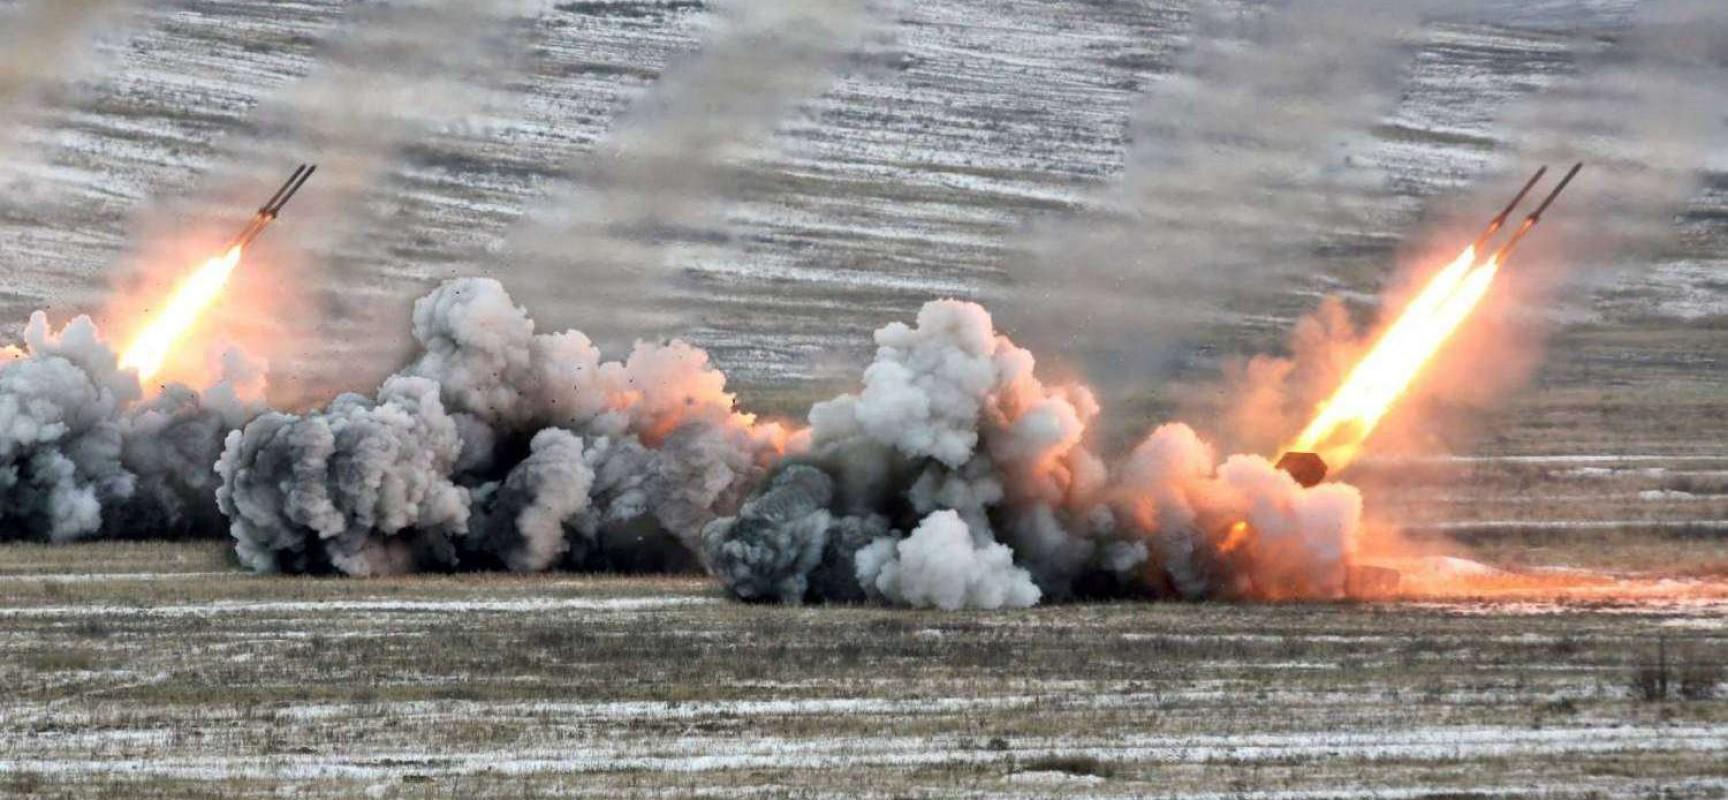 L'Ukraine multiplie les provocations sanglantes et les opérations sous faux drapeau dans le Donbass